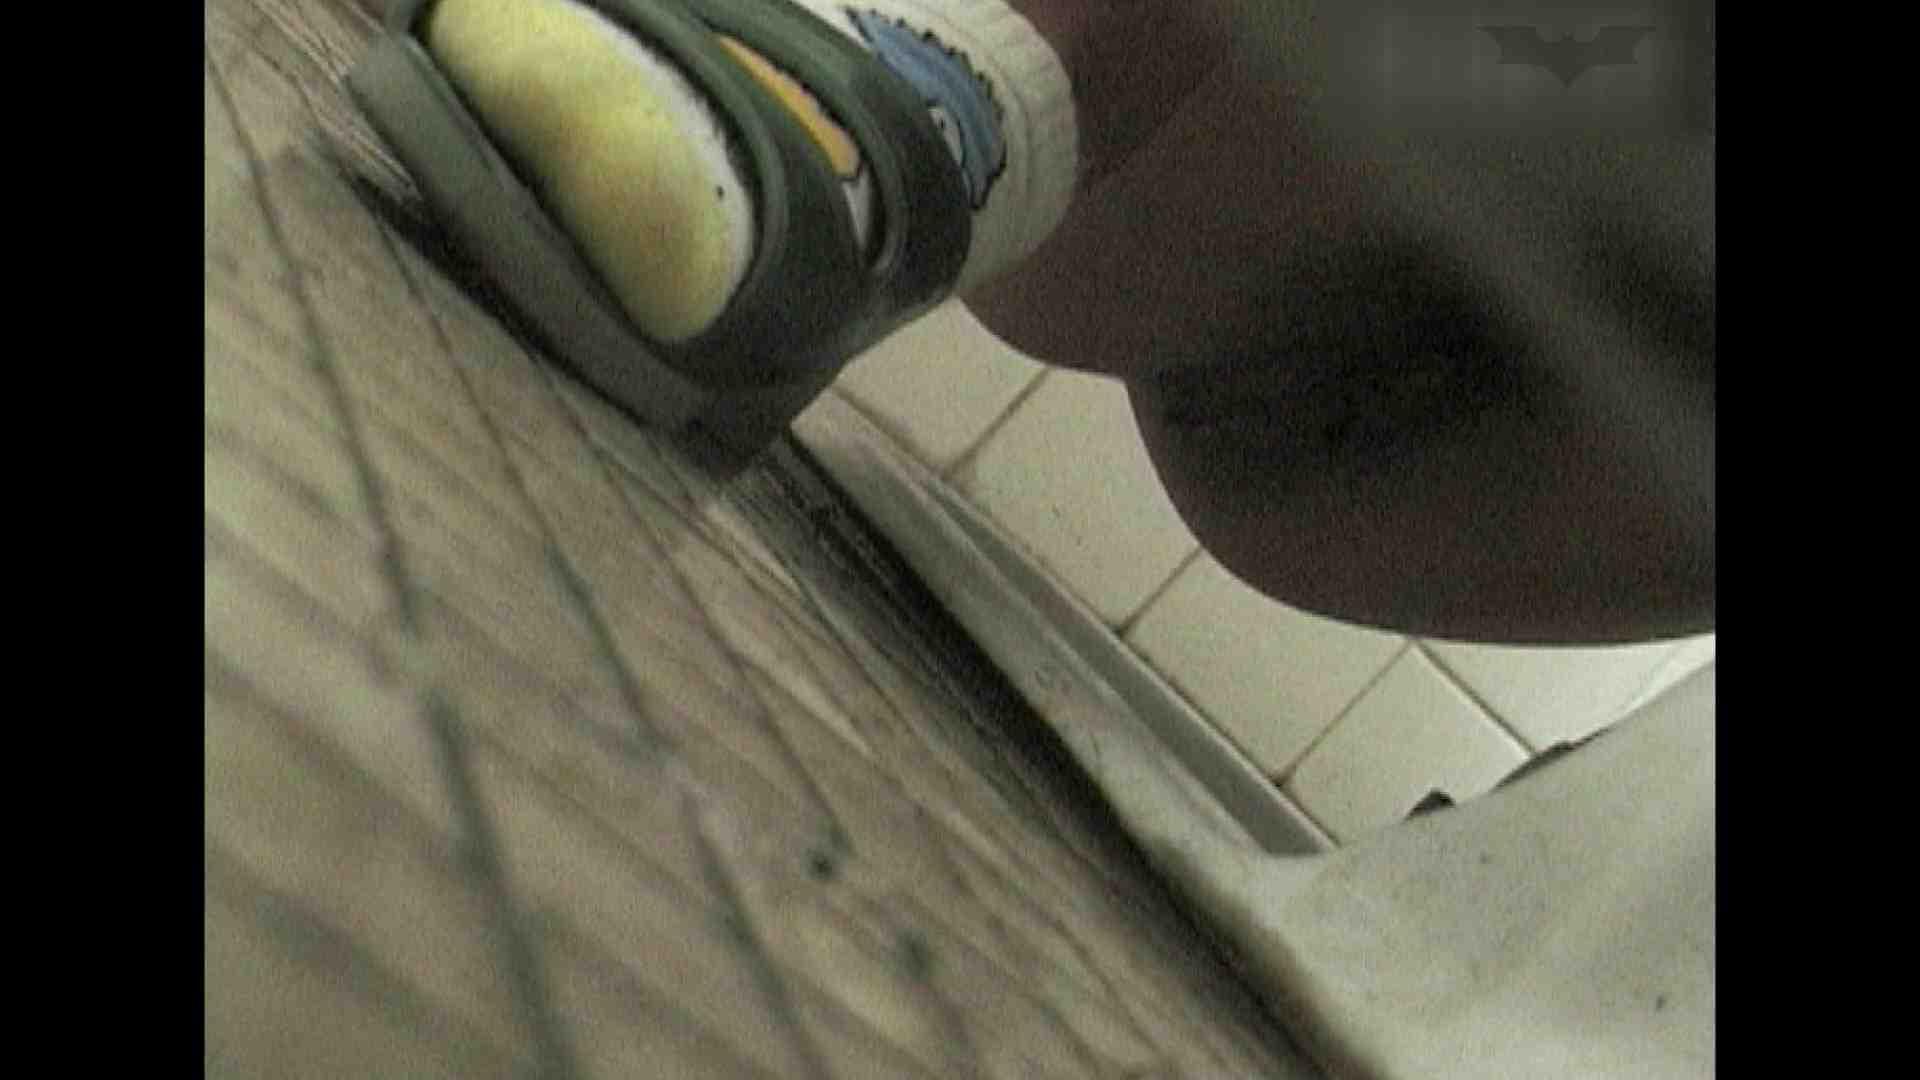 かわいい子から太い~うんこ 期間限定神キタ!ツルピカの放nyo!Vol.23 リアルうんこ 戯れ無修正画像 104PIX 26